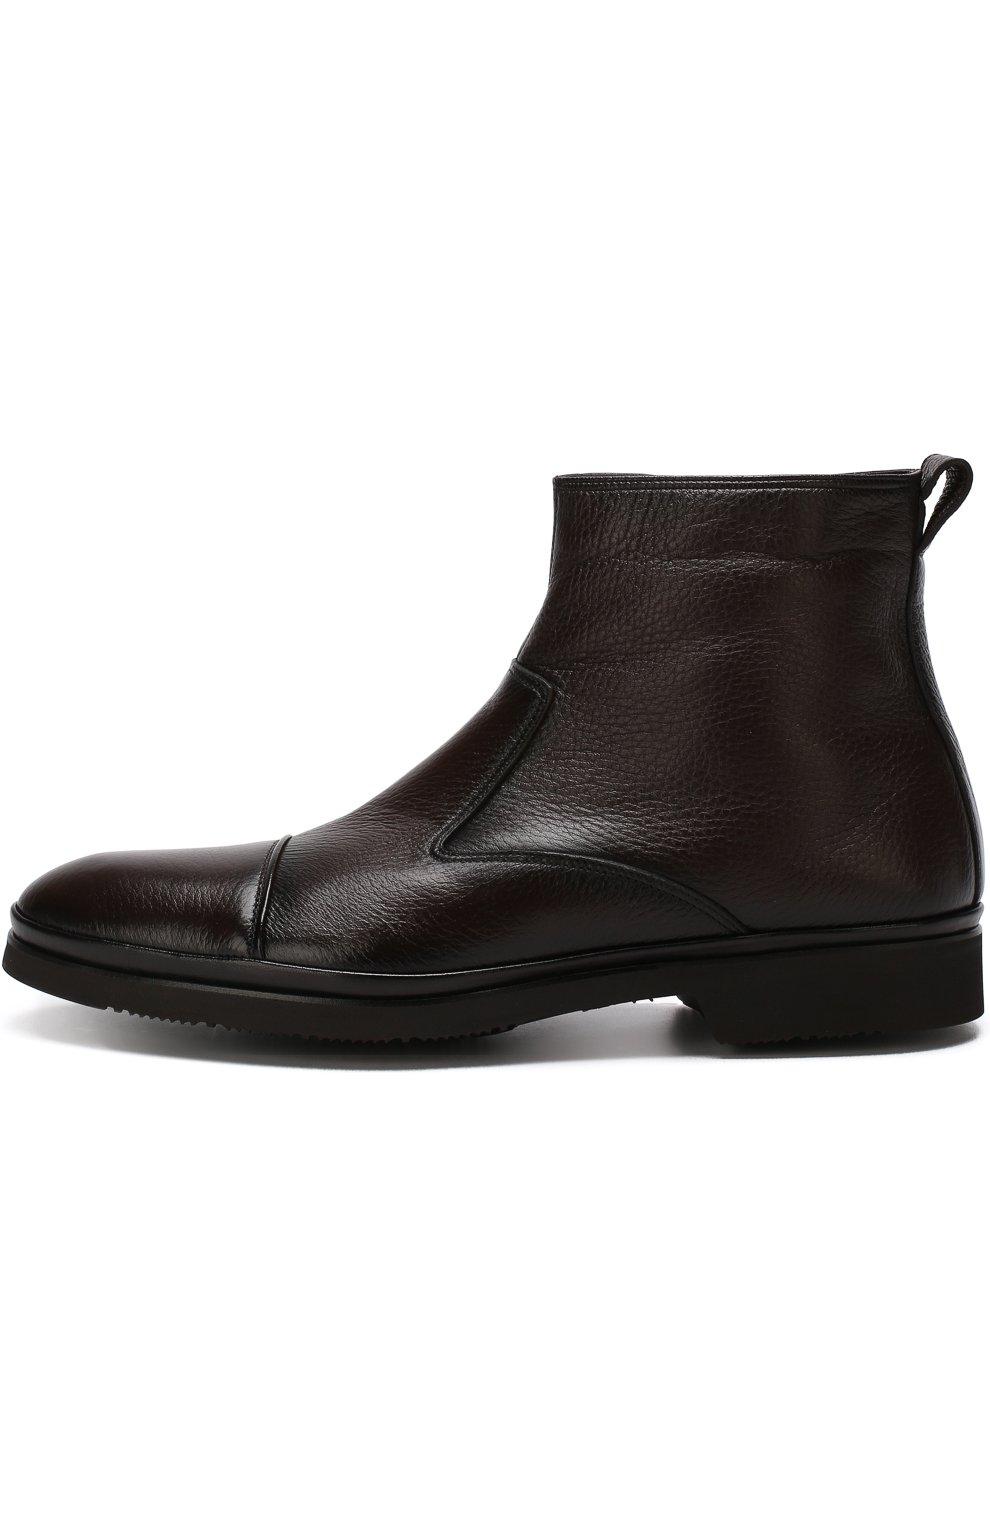 Высокие кожаные ботинки на молнии с внутренней меховой отделкой Aldo Brue коричневые   Фото №3